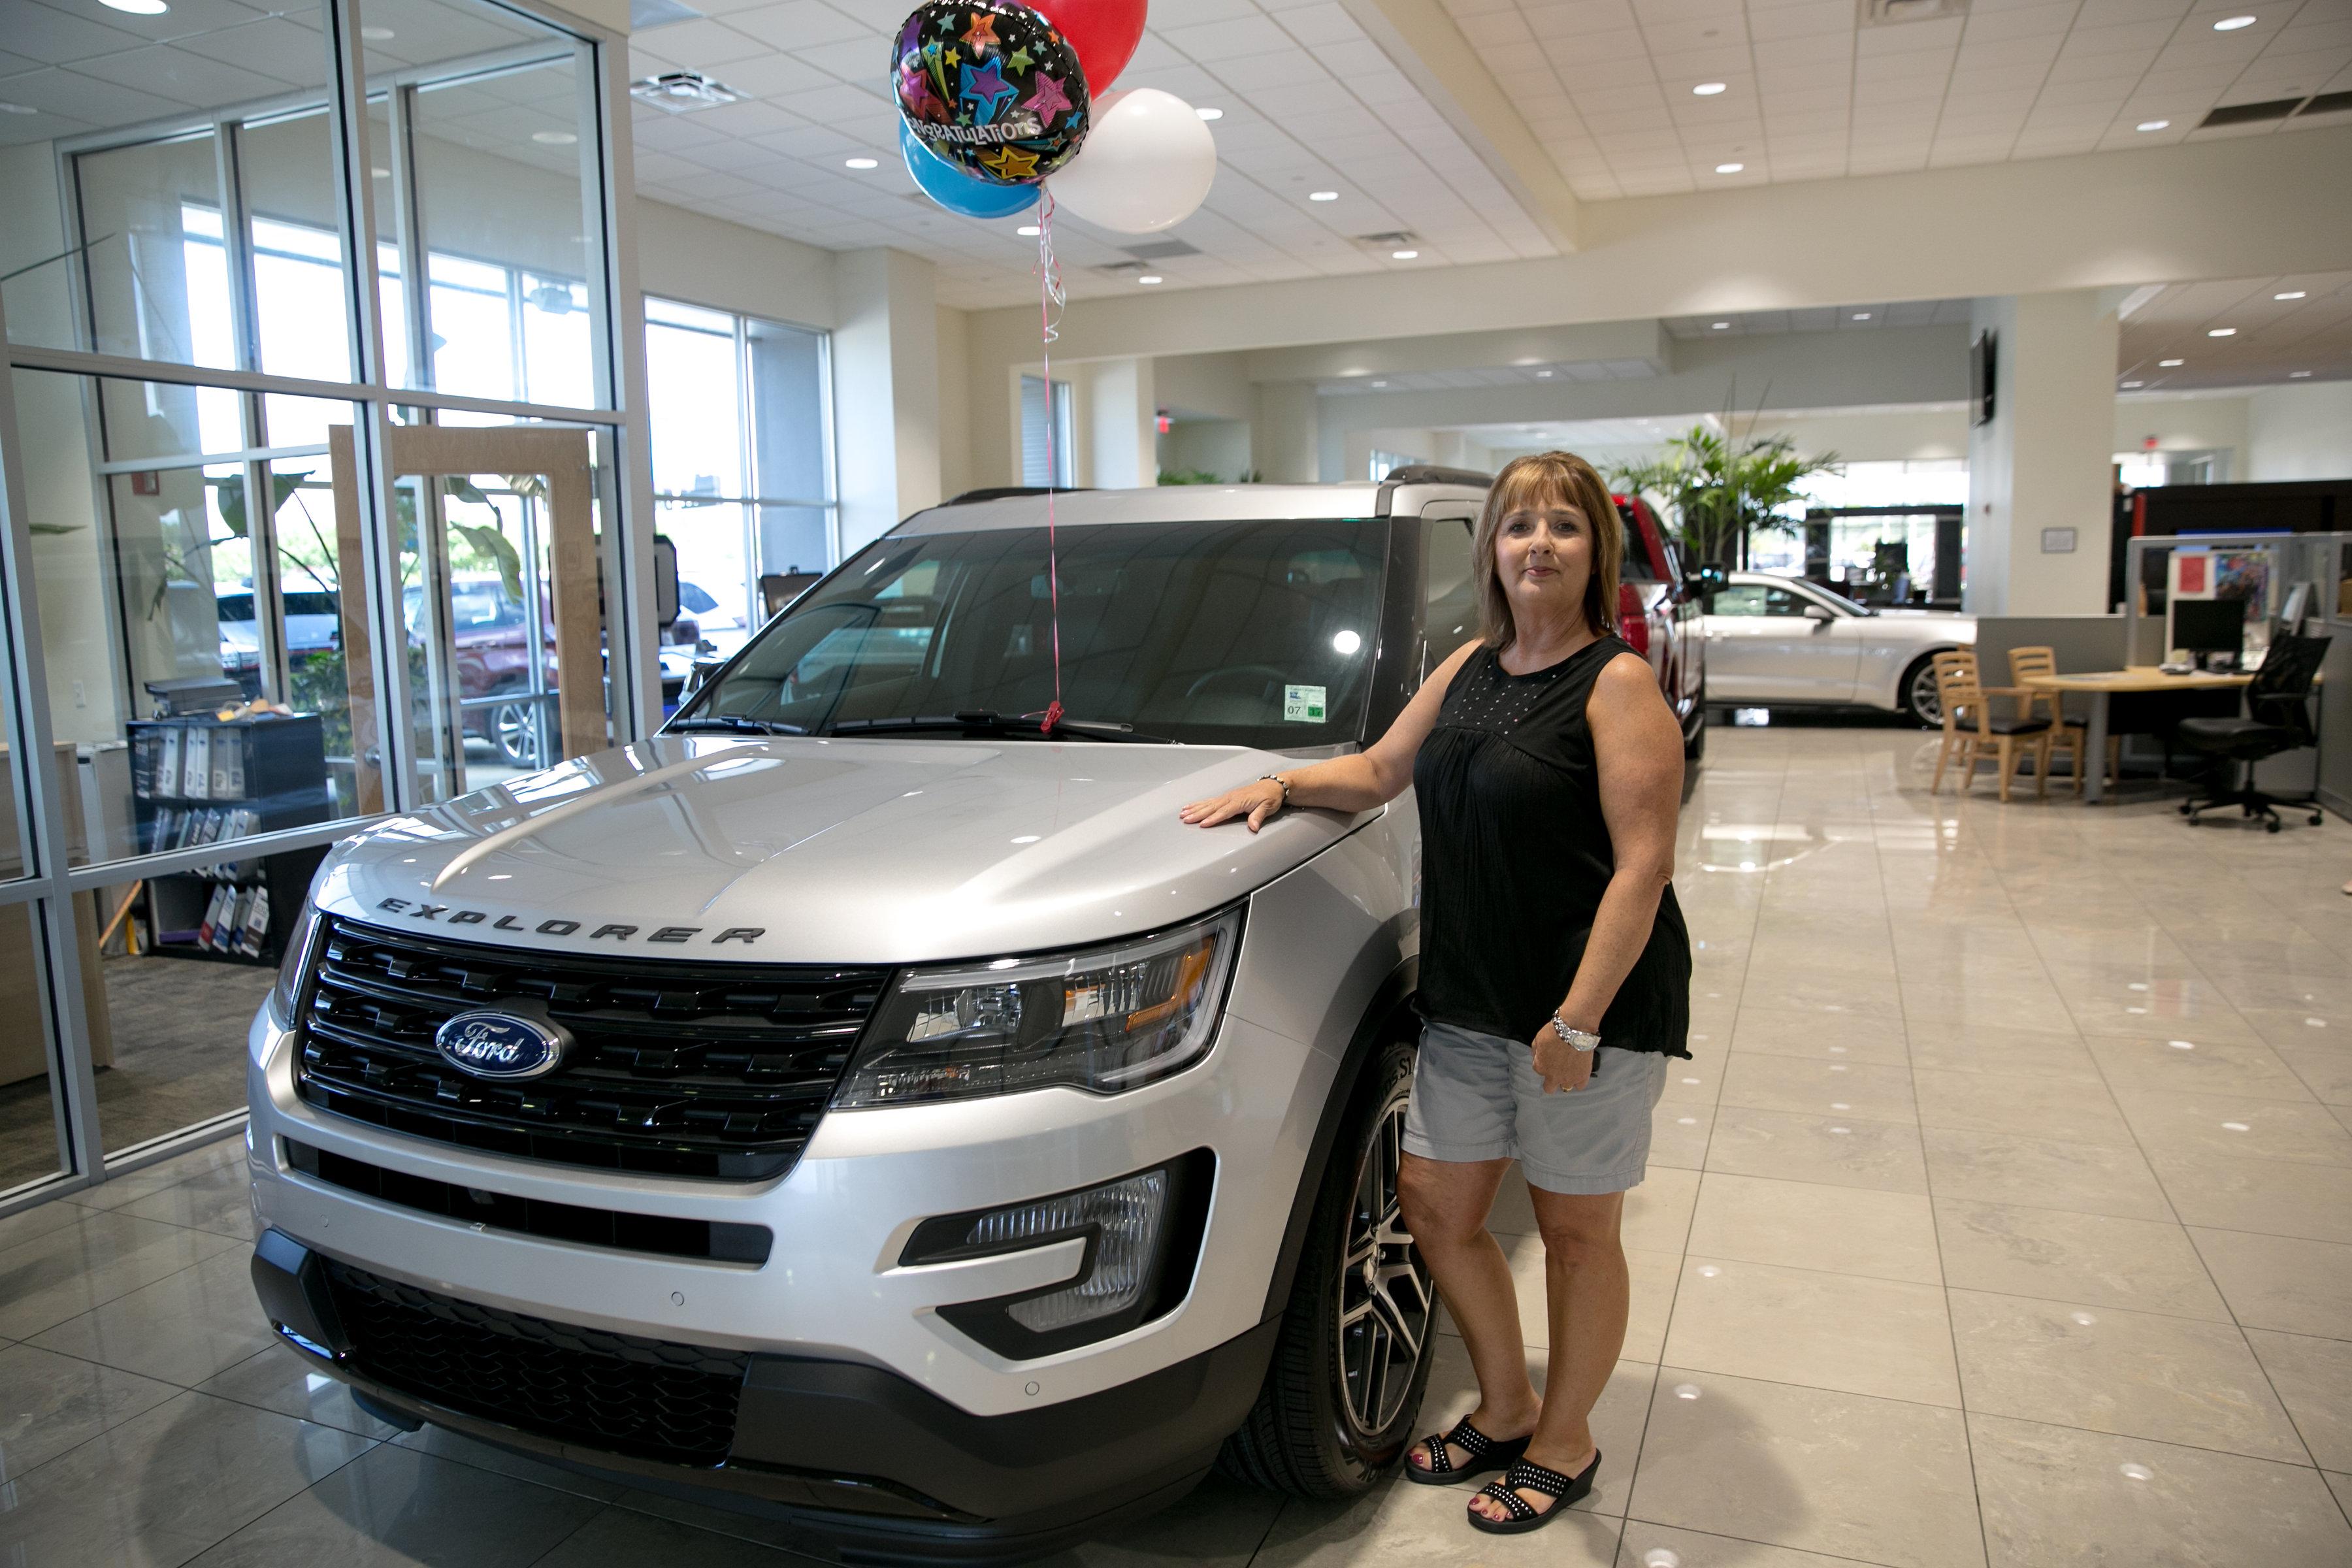 2016 St Jude Bonus Prize Winner Receives 2016 Ford Explorer